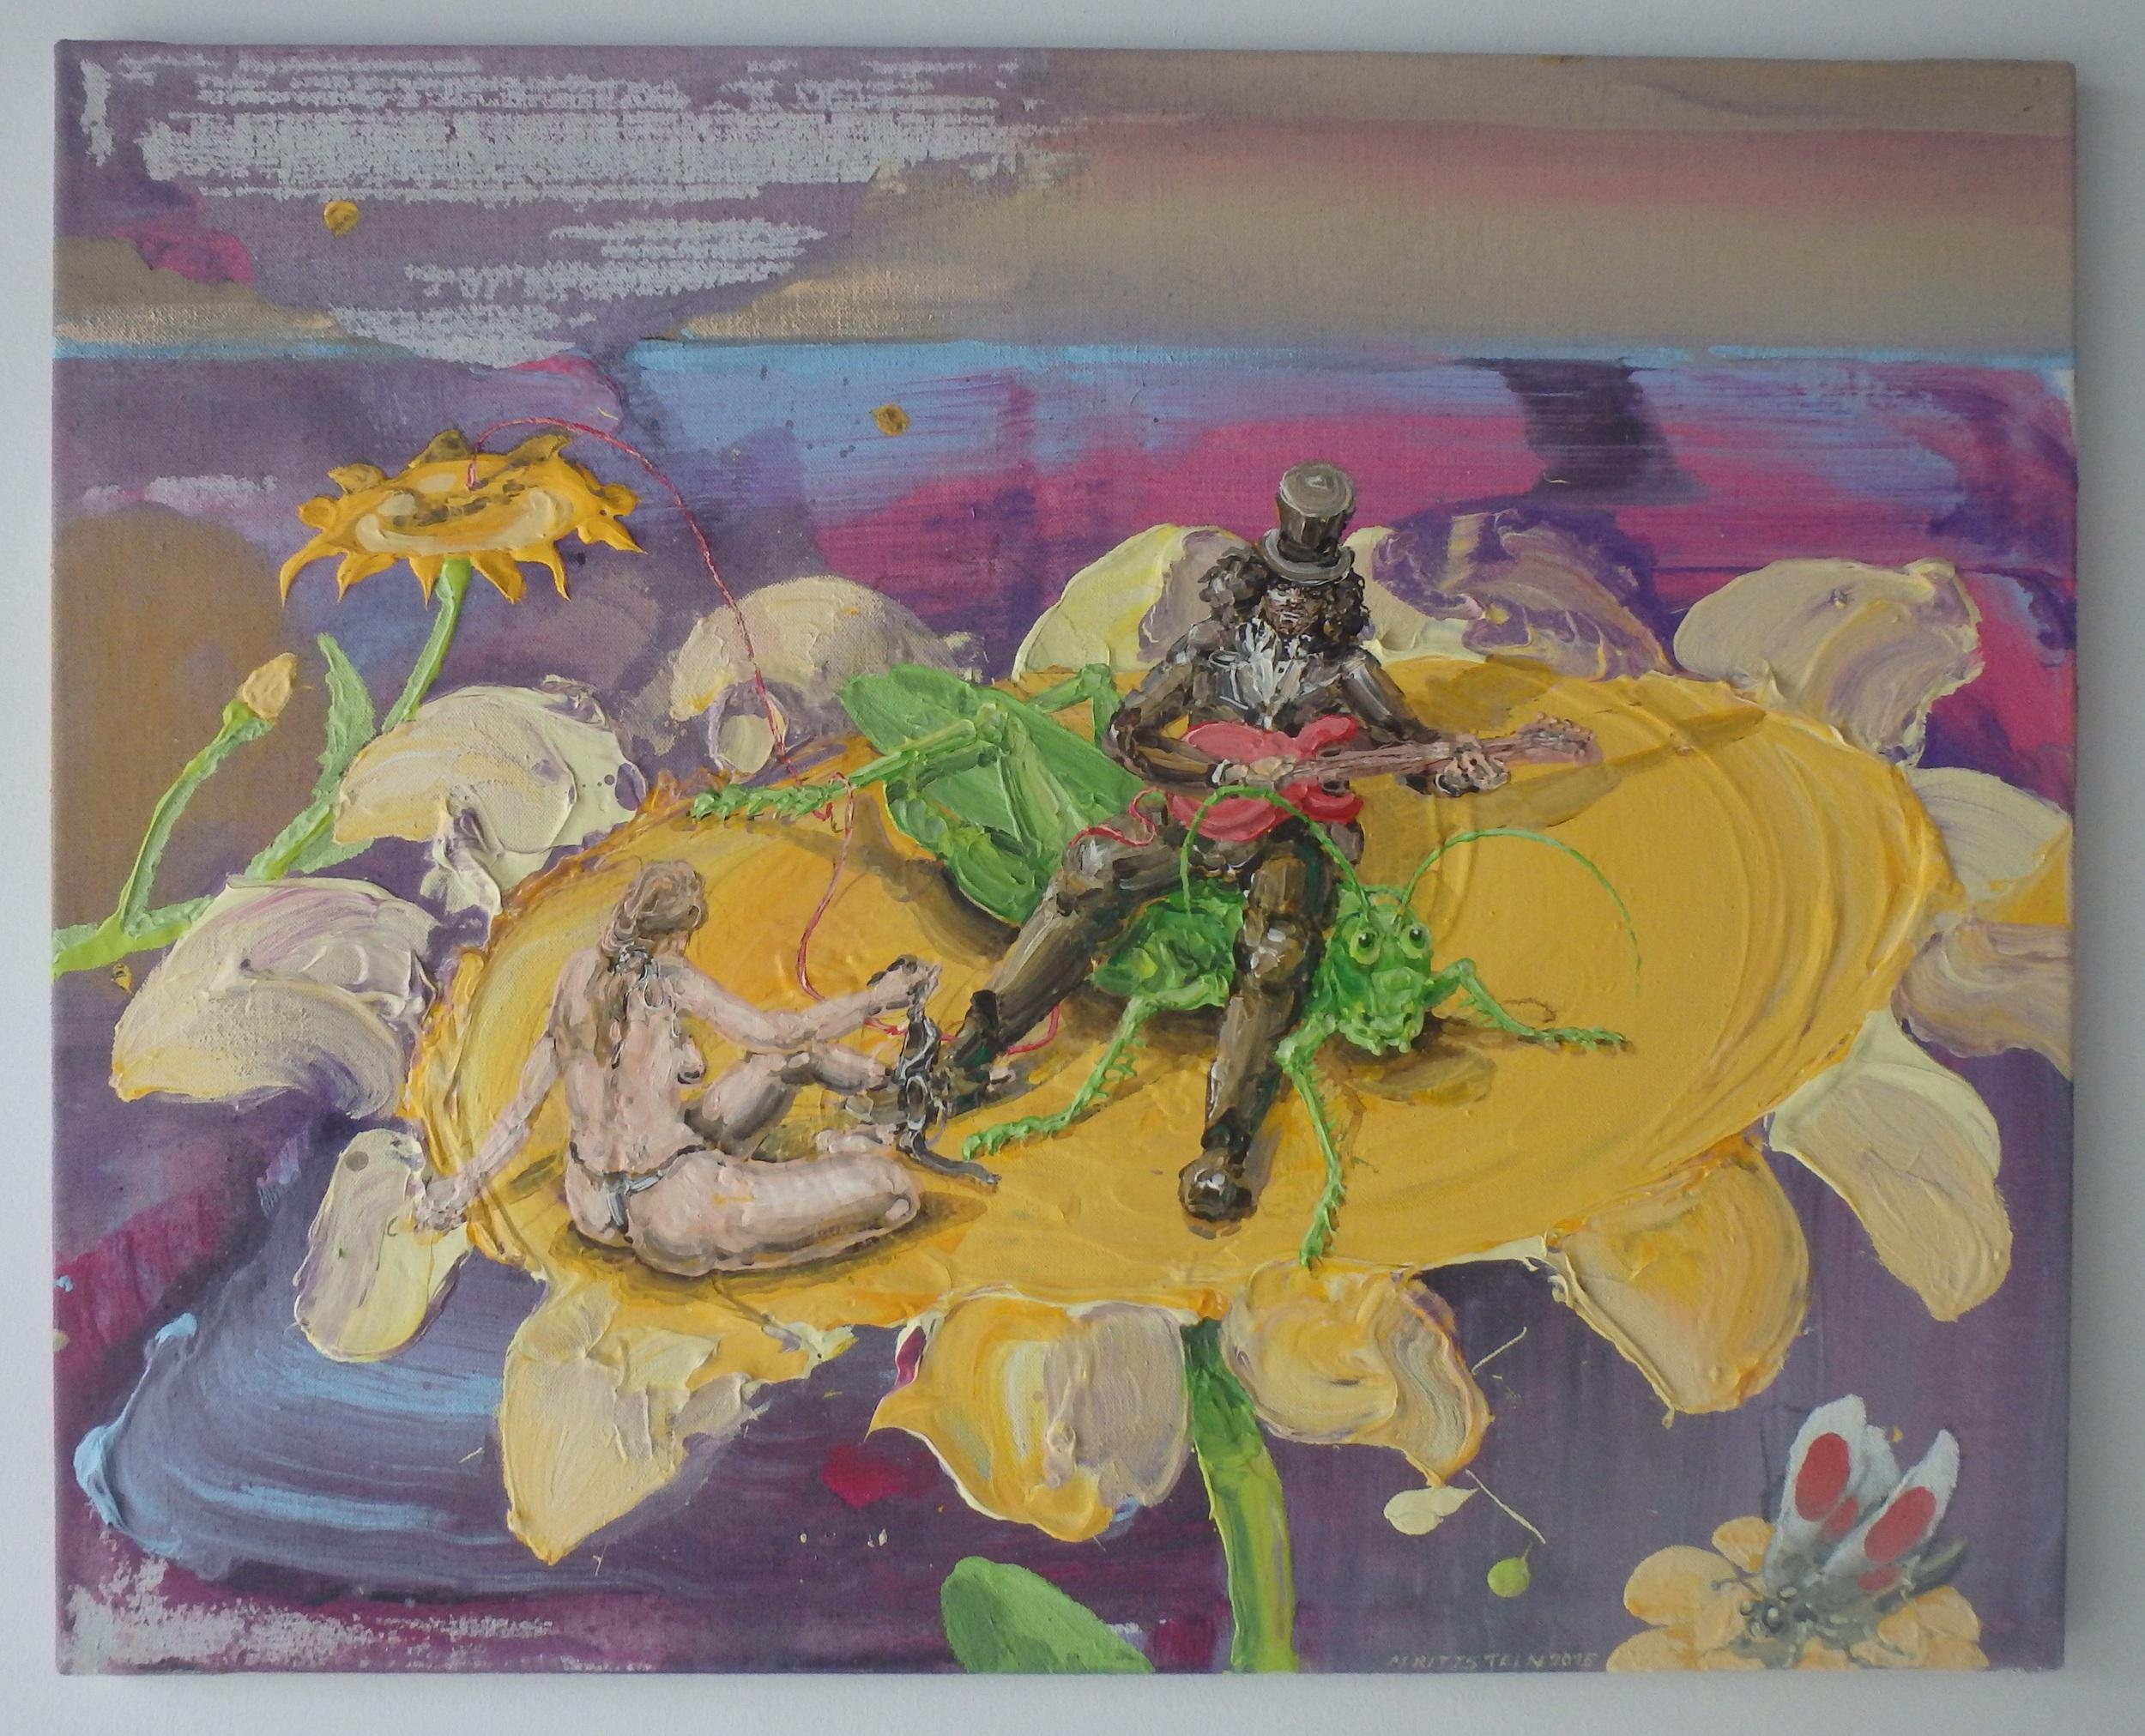 Michael Rittstein, Žluté kytky, 2015, plátno, akryl, 100 x 80 cm